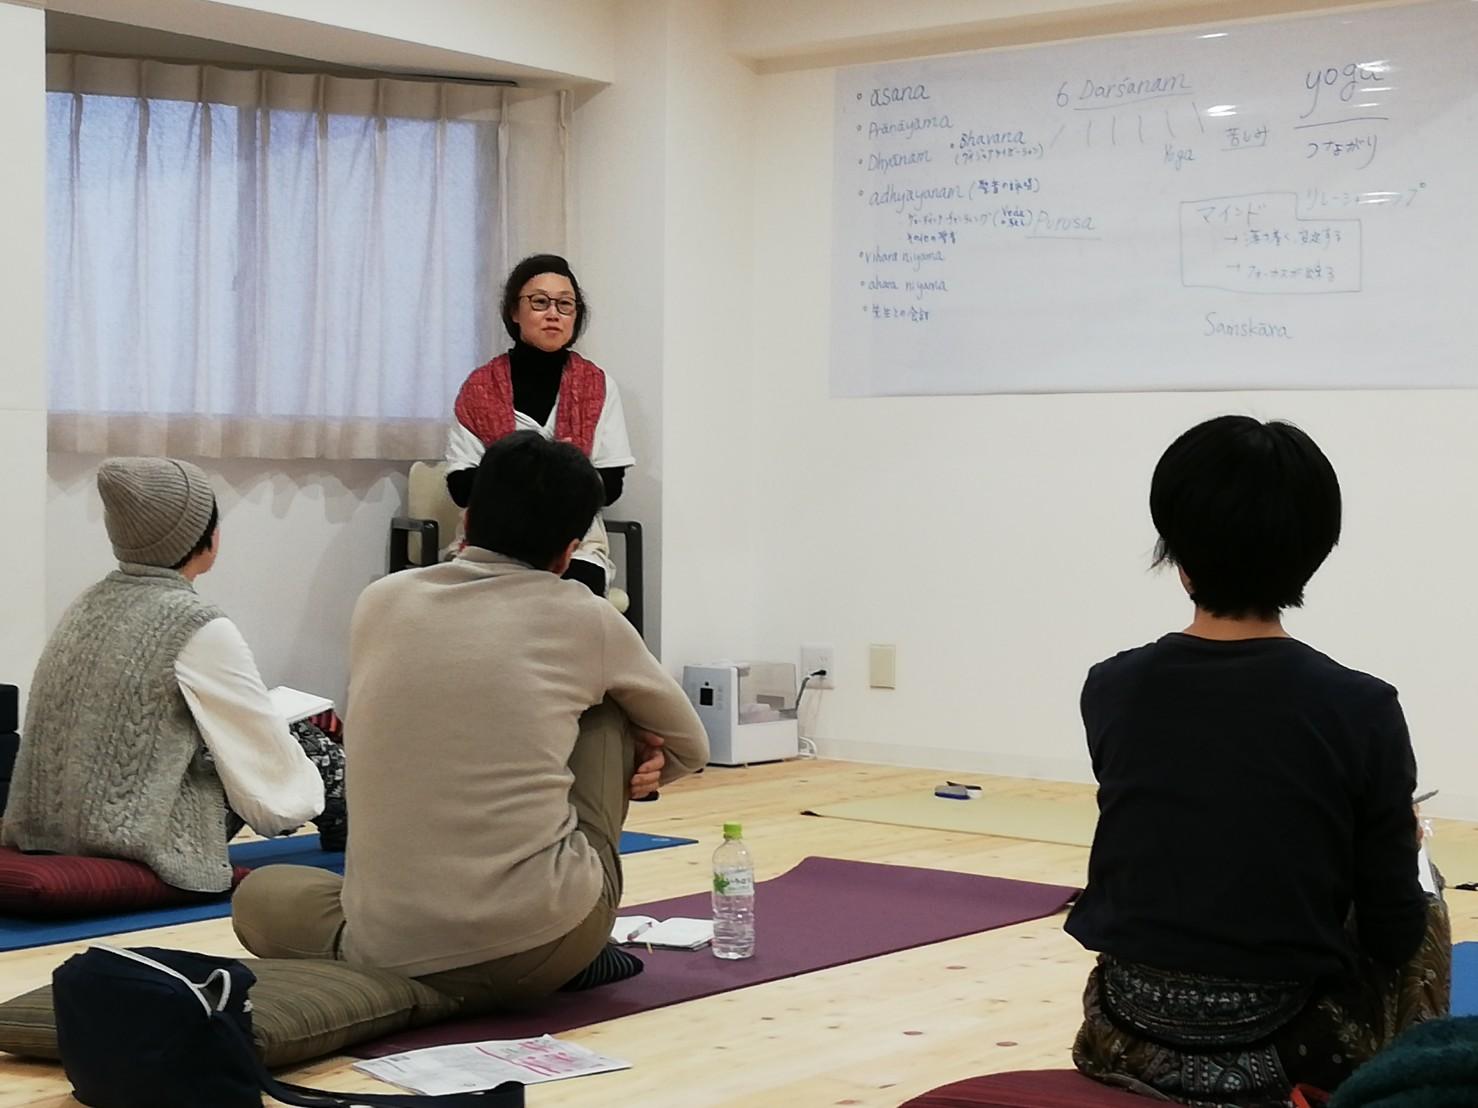 ヨーガスタジオスワルーパは、クリシュナマチャリアの教えに基づく、講師育成トレーニングを開始します。